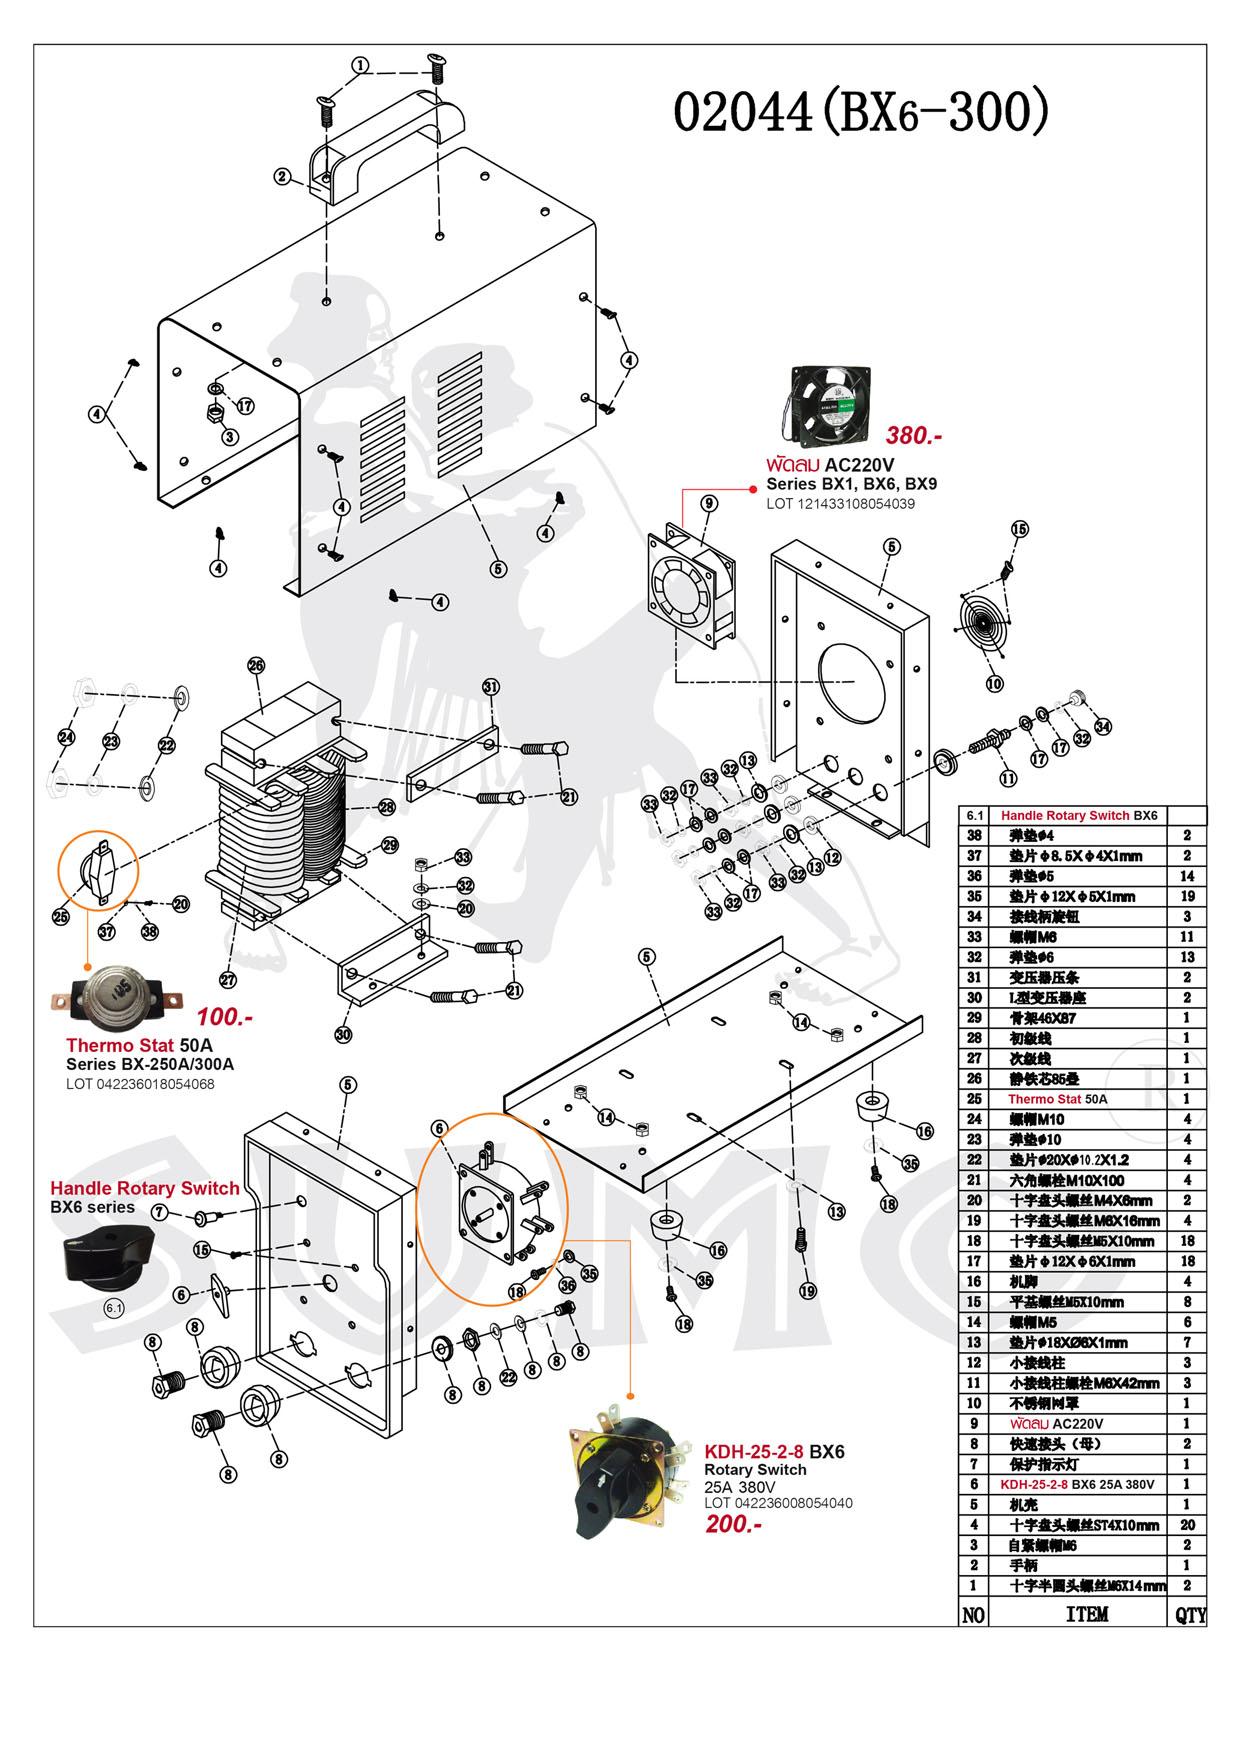 (11/19) เครื่องเชื่อมไฟฟ้า - Welding Machine BX6-200 Series